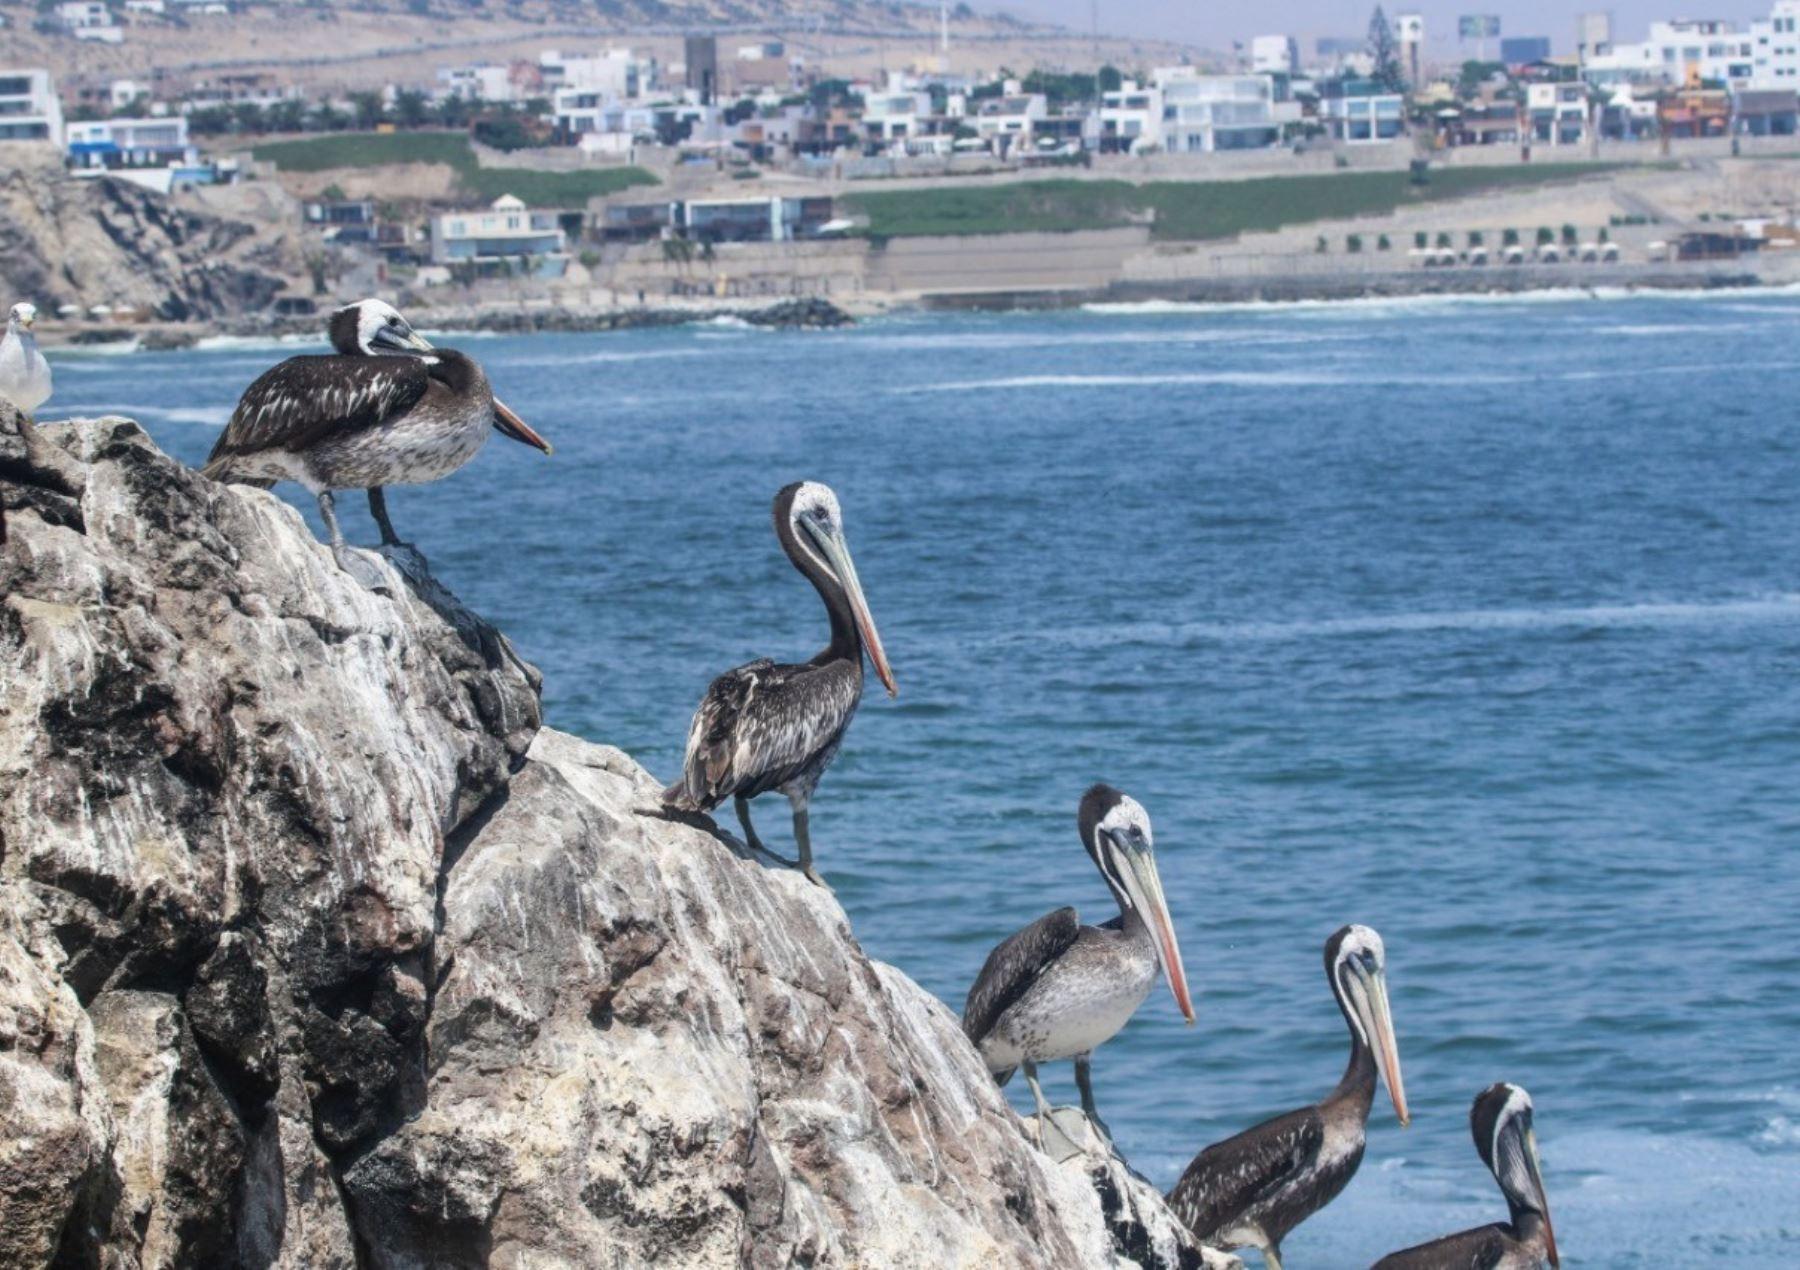 El Serfor reconoció a La Isla, ubicada en Punta Hermosa al sur de Lima, como el primer ecosistema frágil de punta rocosa en el Perú, que destaca por su alta diversidad de fauna. Foto: Serfor/Piero Marotta